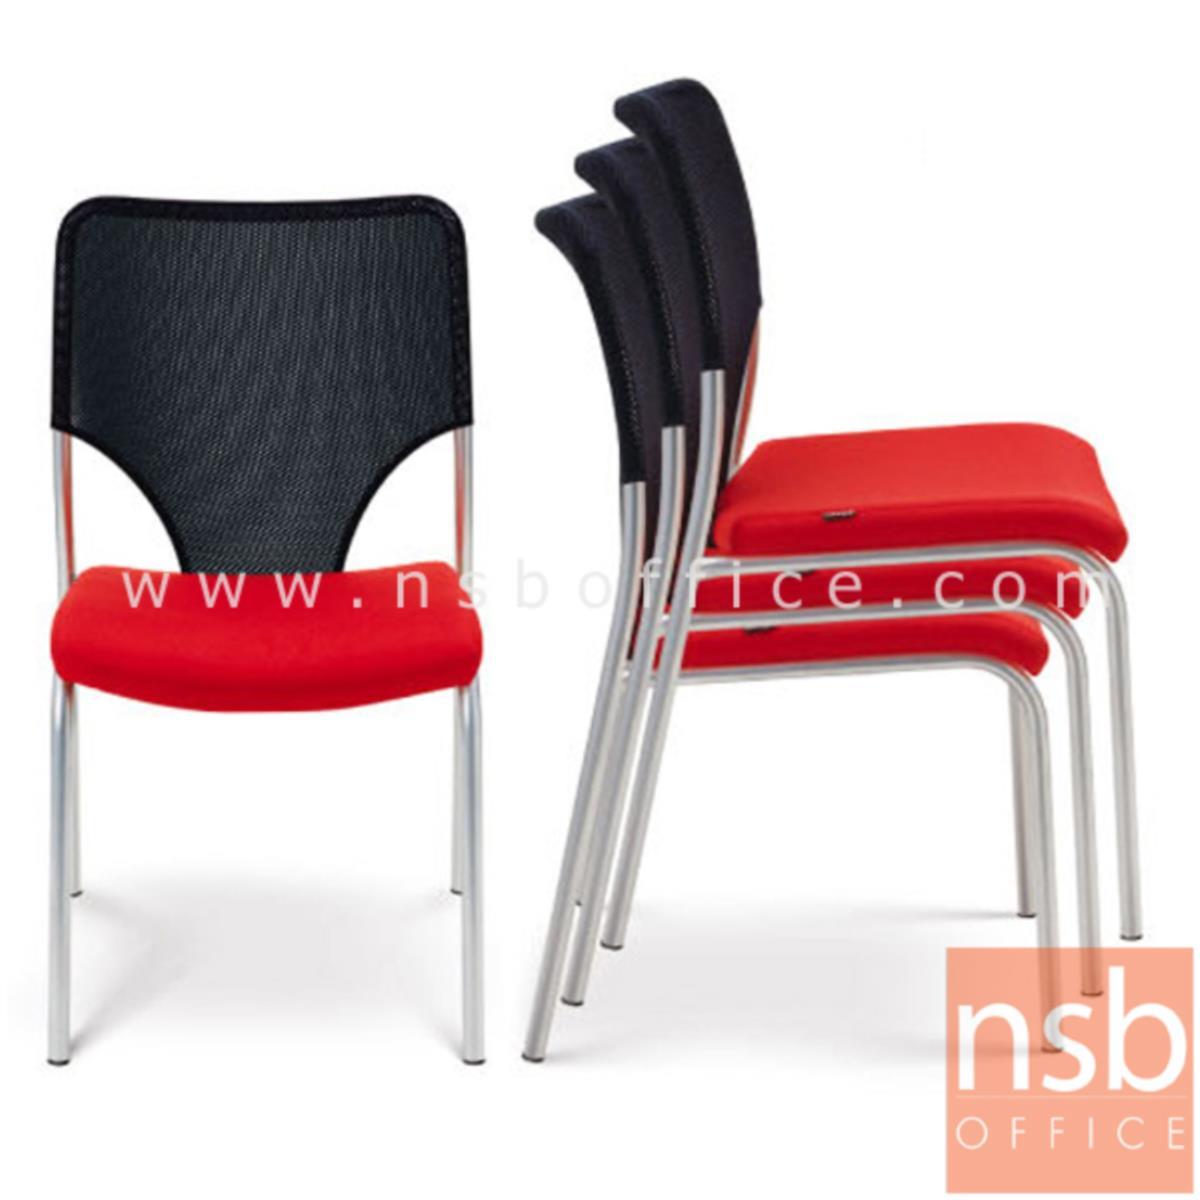 เก้าอี้รับแขกหลังเน็ต รุ่น Craig (เคร็ก)  ขาเหล็กชุบโครเมี่ยม